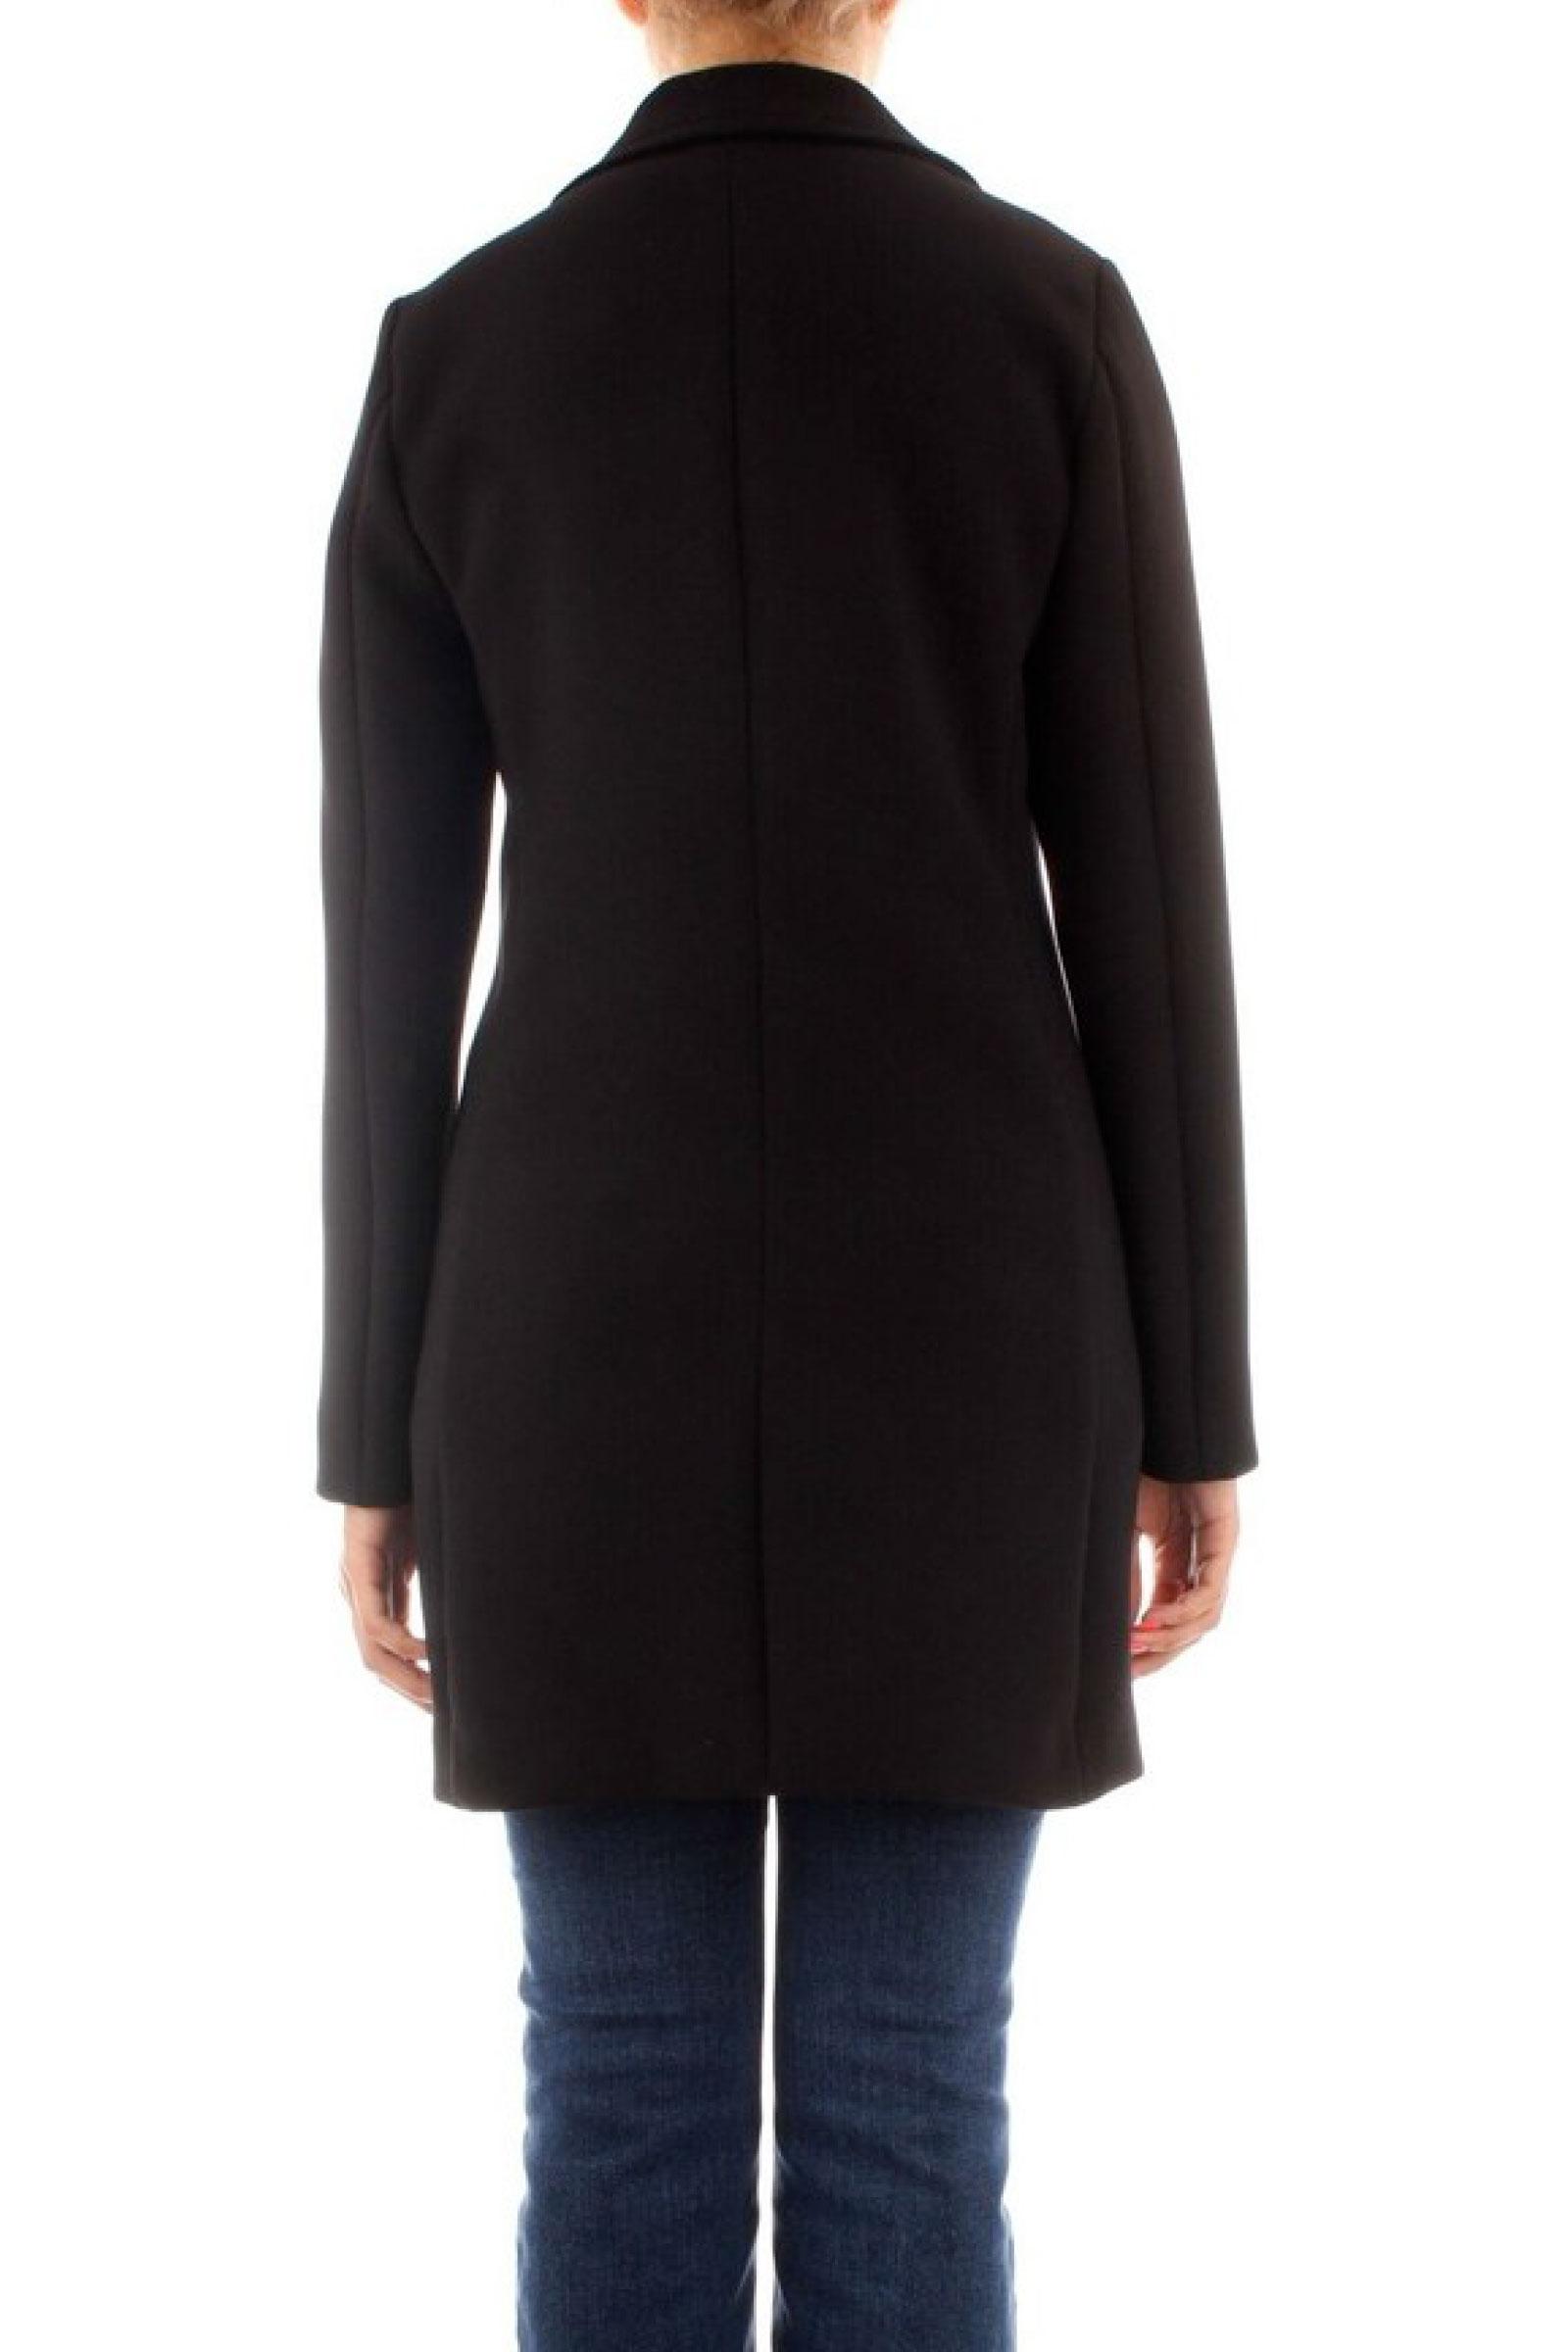 Cappotto Donna Modello RASOIO EMME MARELLA | Giaccone | 50860519200003